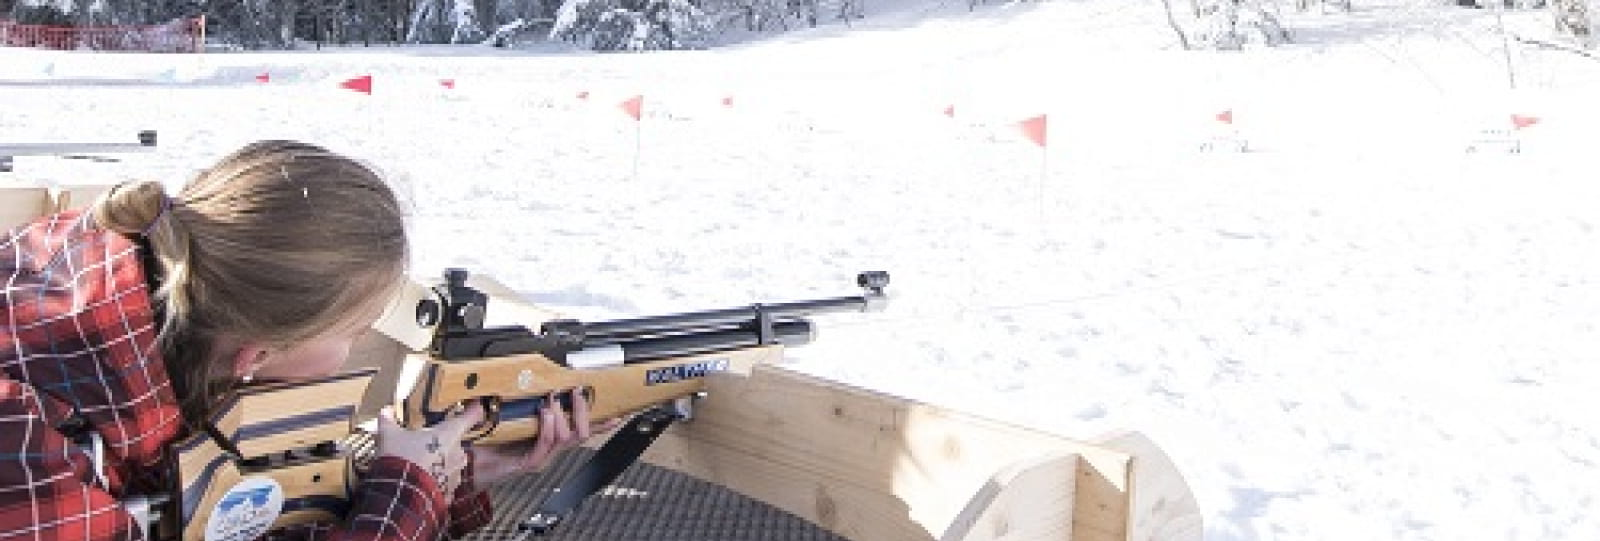 Biathlon découverte carabine à air comprimé